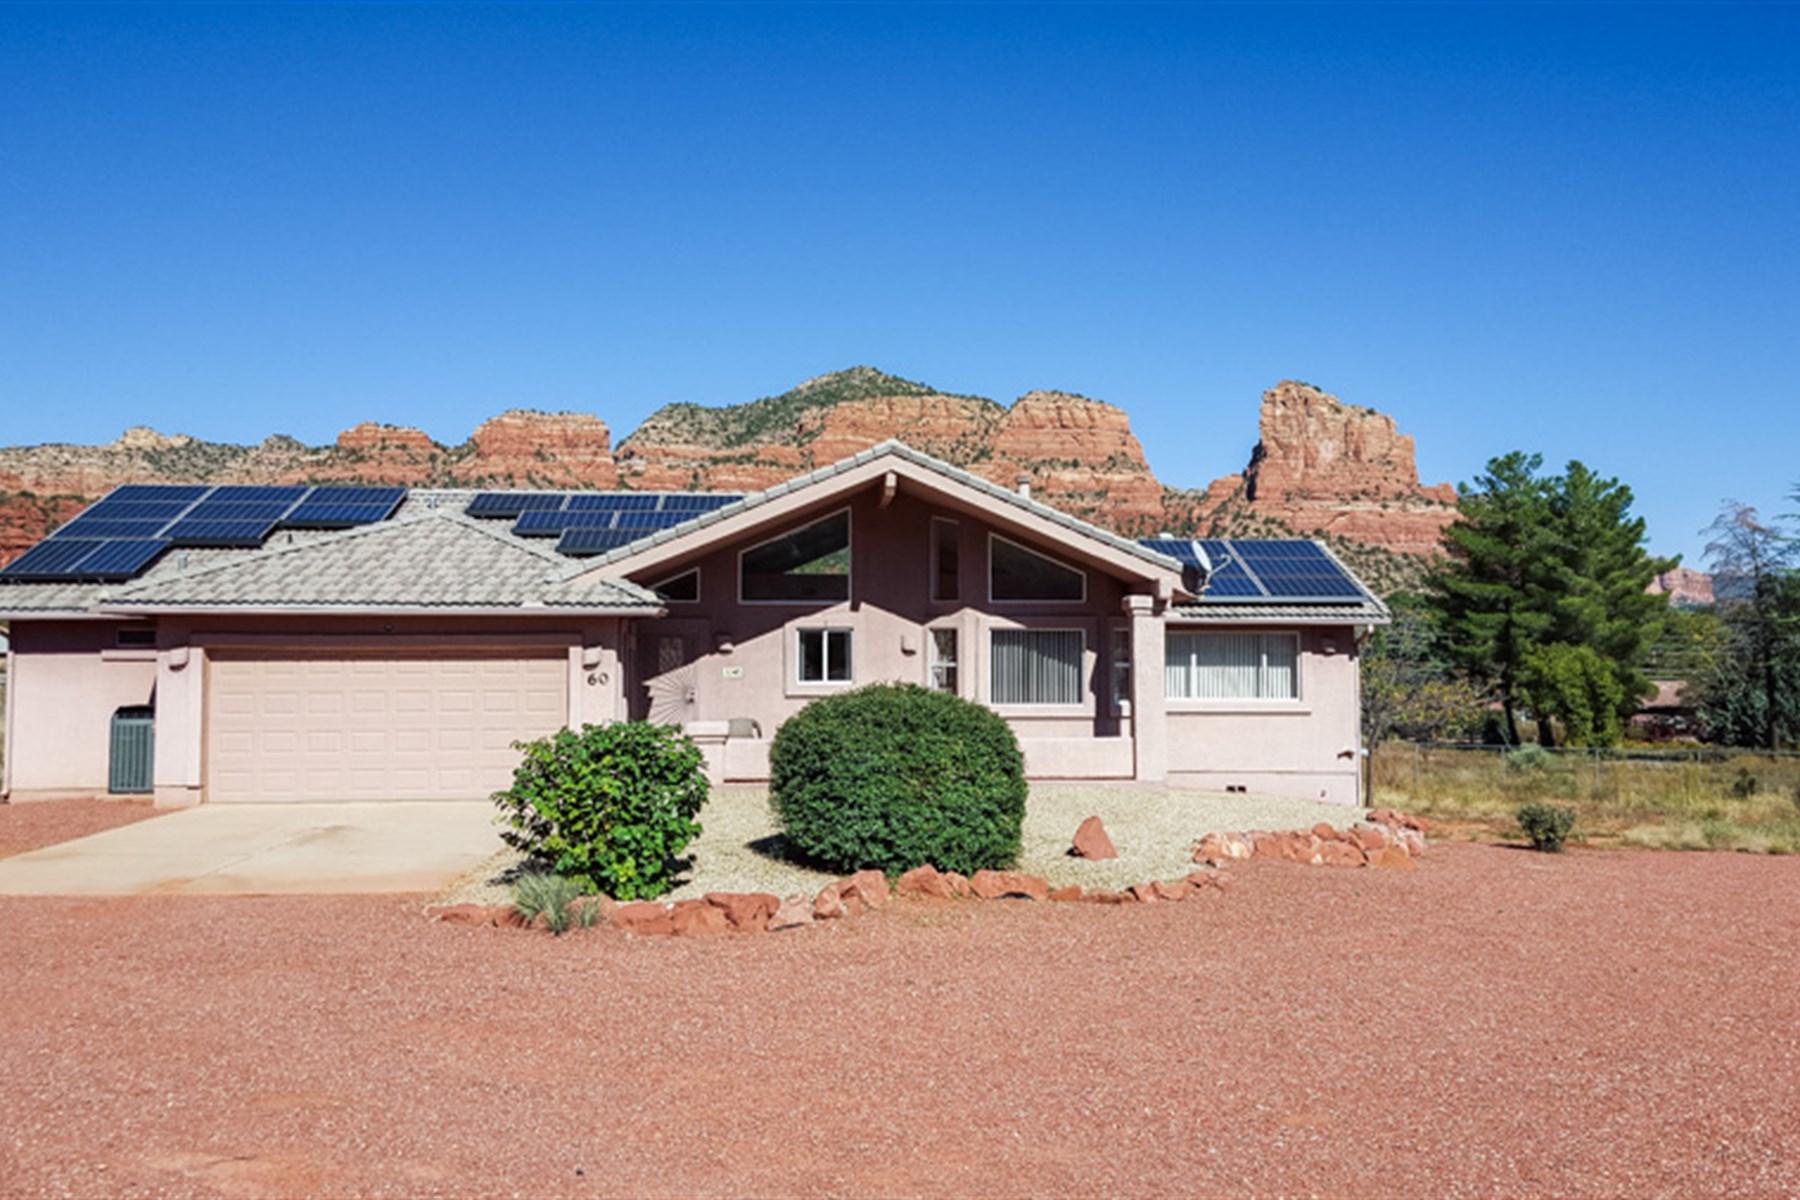 Moradia para Venda às A Full Fenced Acre with Panoramic Red Rock and Mountain Views 60 Tilley Lane Sedona, Arizona 86351 Estados Unidos